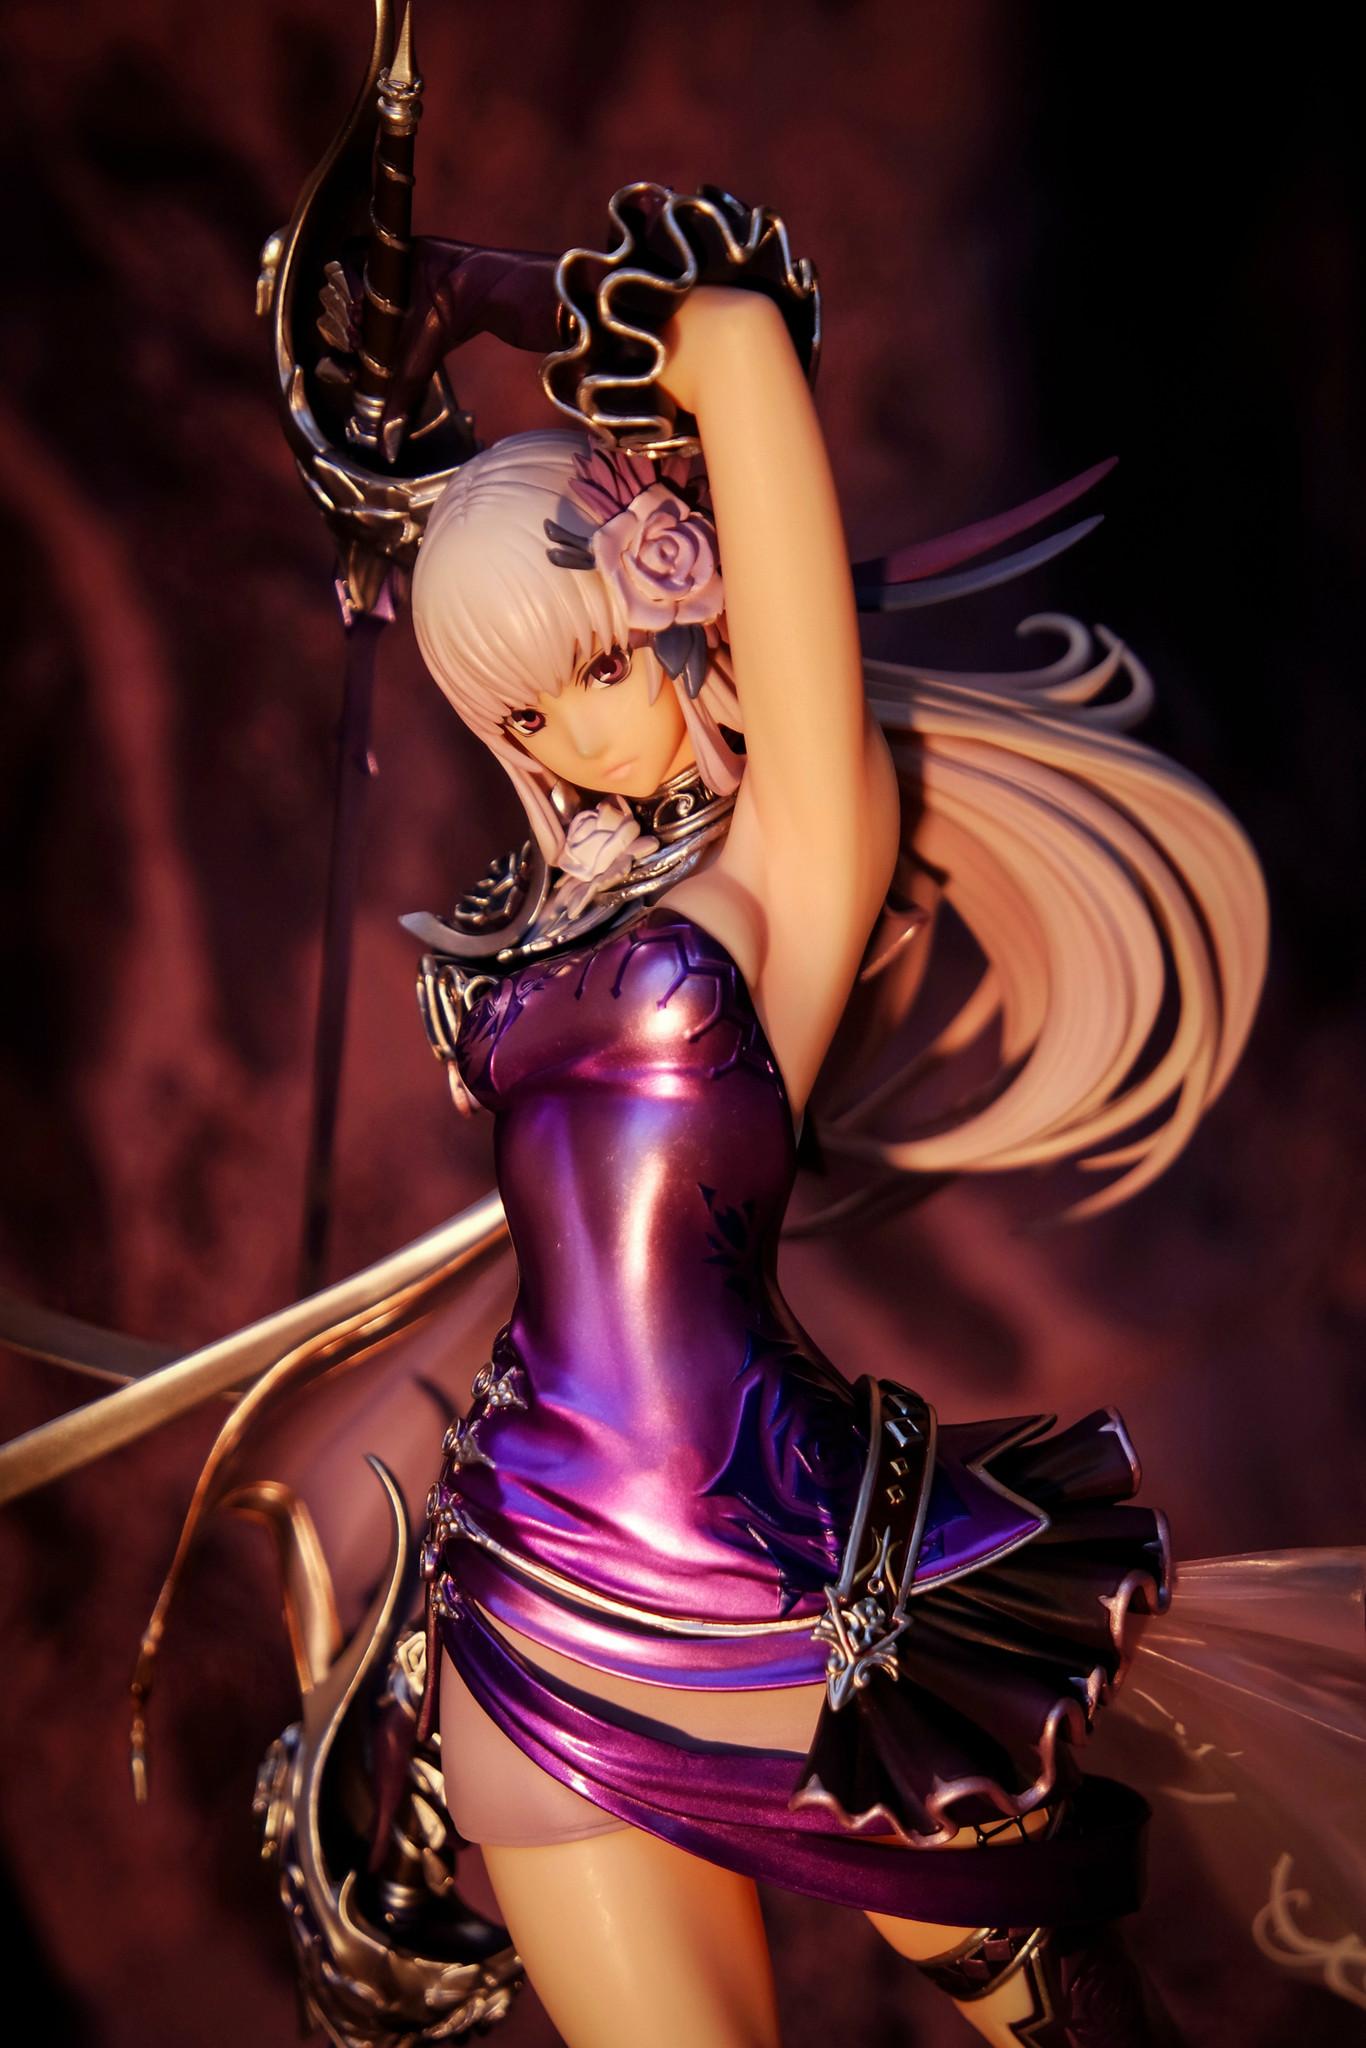 orchid_seed uchijima_yasuhiro aion shadow_wing ncsoft